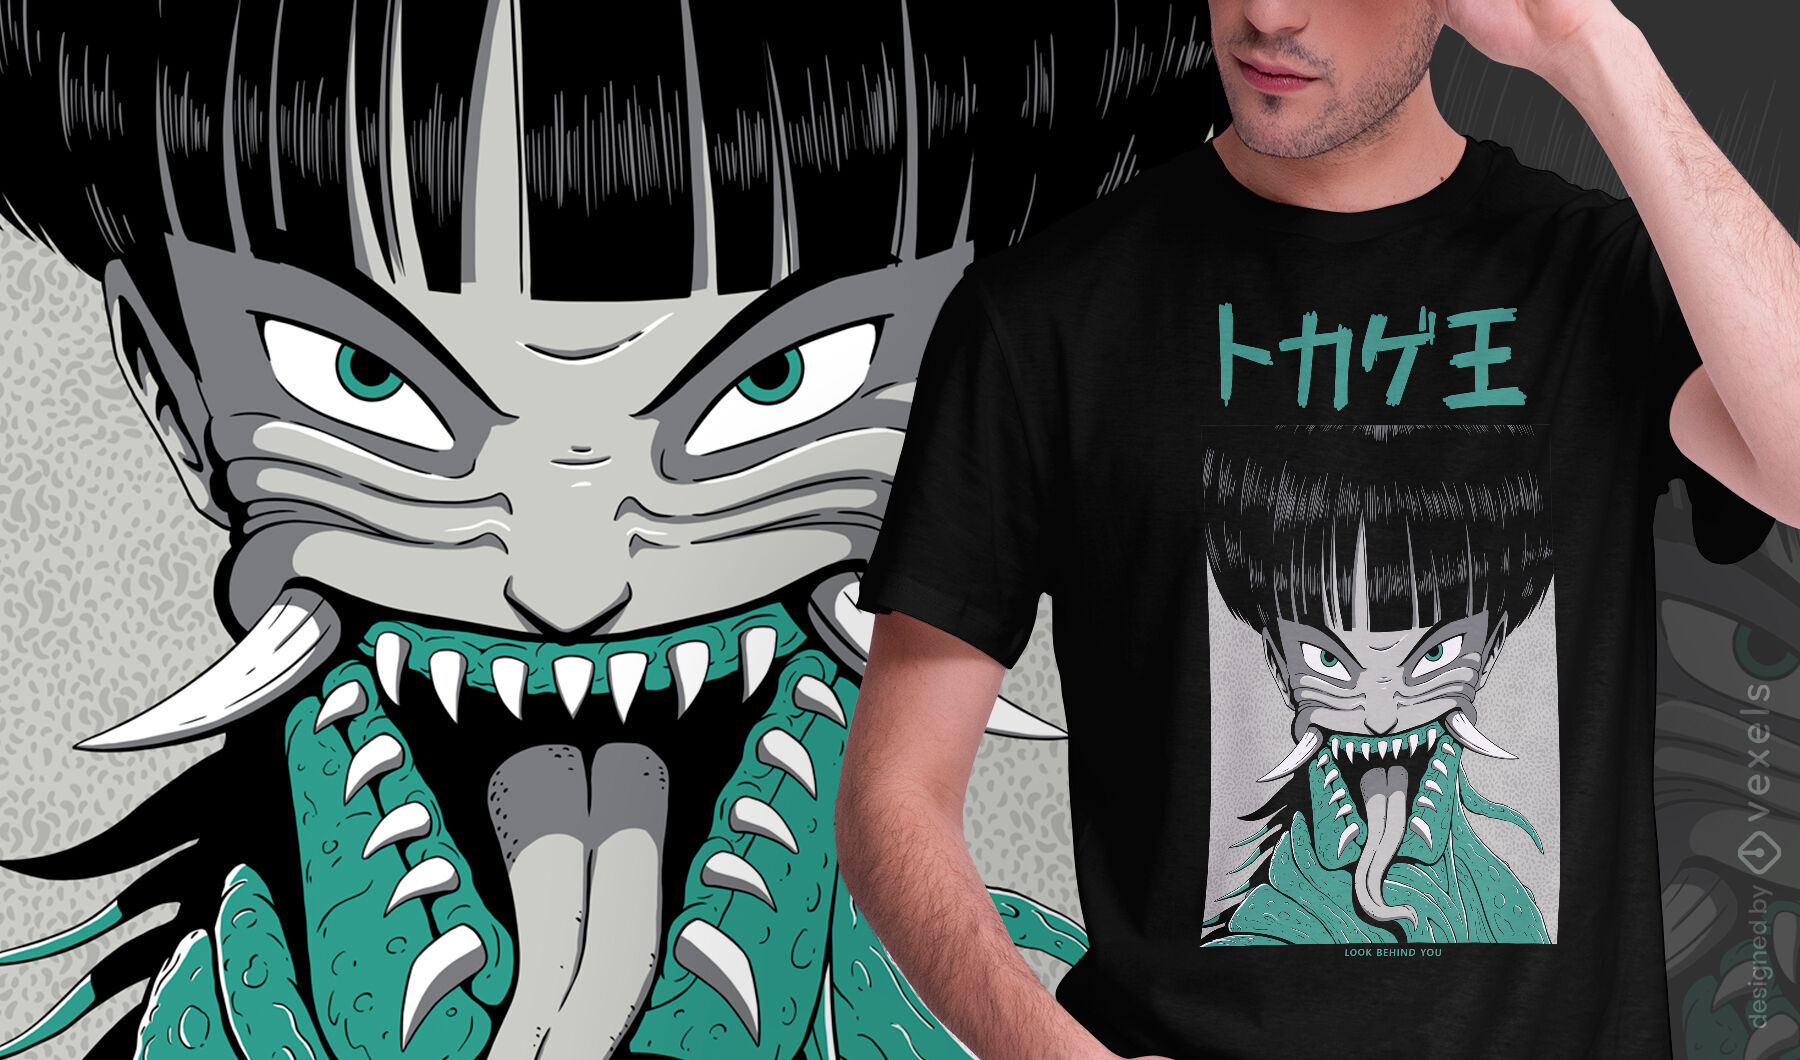 Anime japanese monster character psd t-shirt design